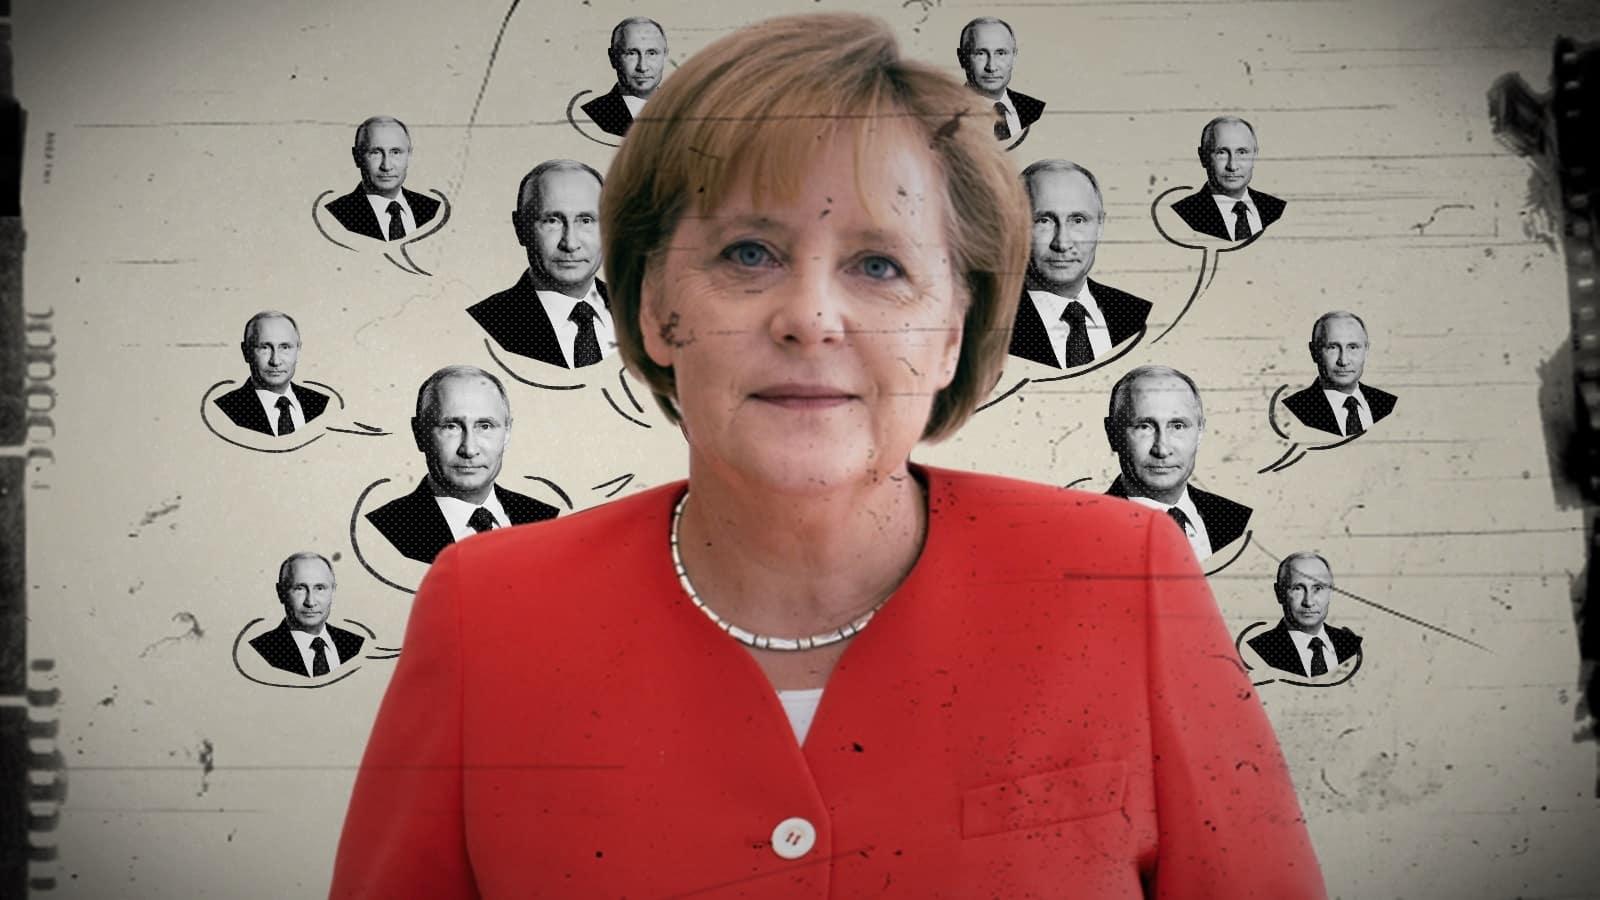 Dezastru pentru Merkel: Verzii au depășit CDU